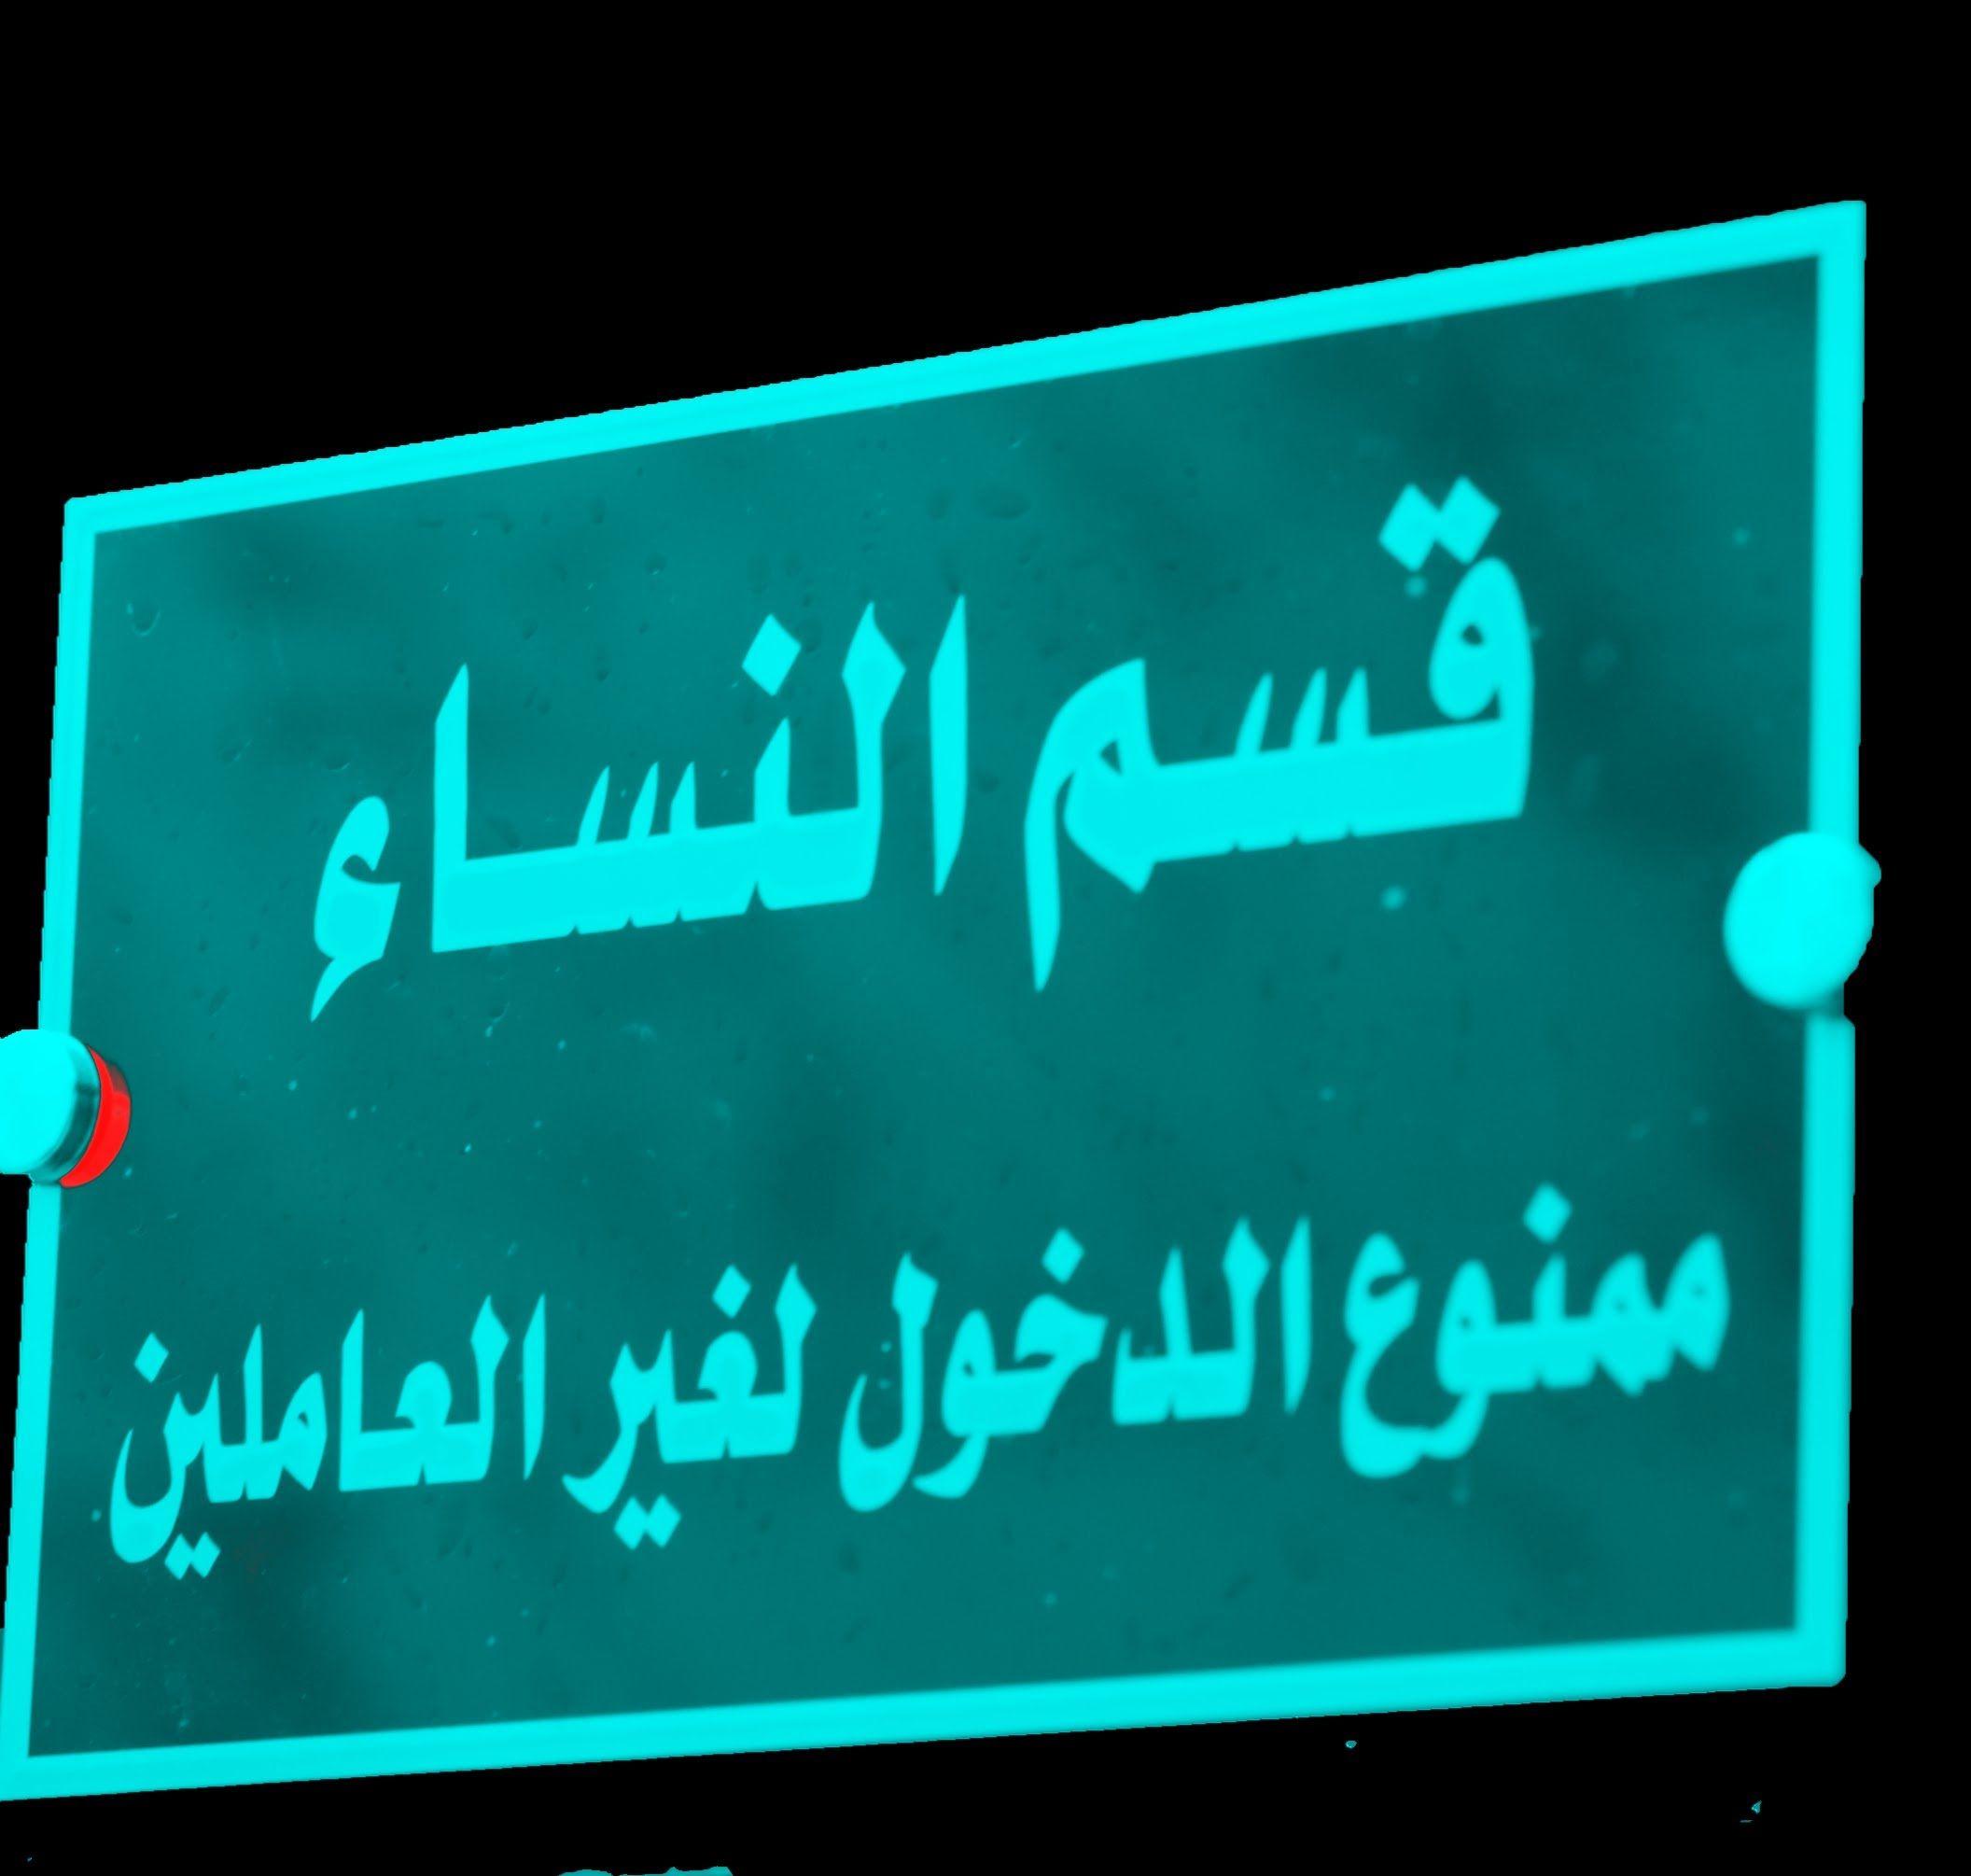 بنت على طاولة Neon Signs Neon Places To Visit